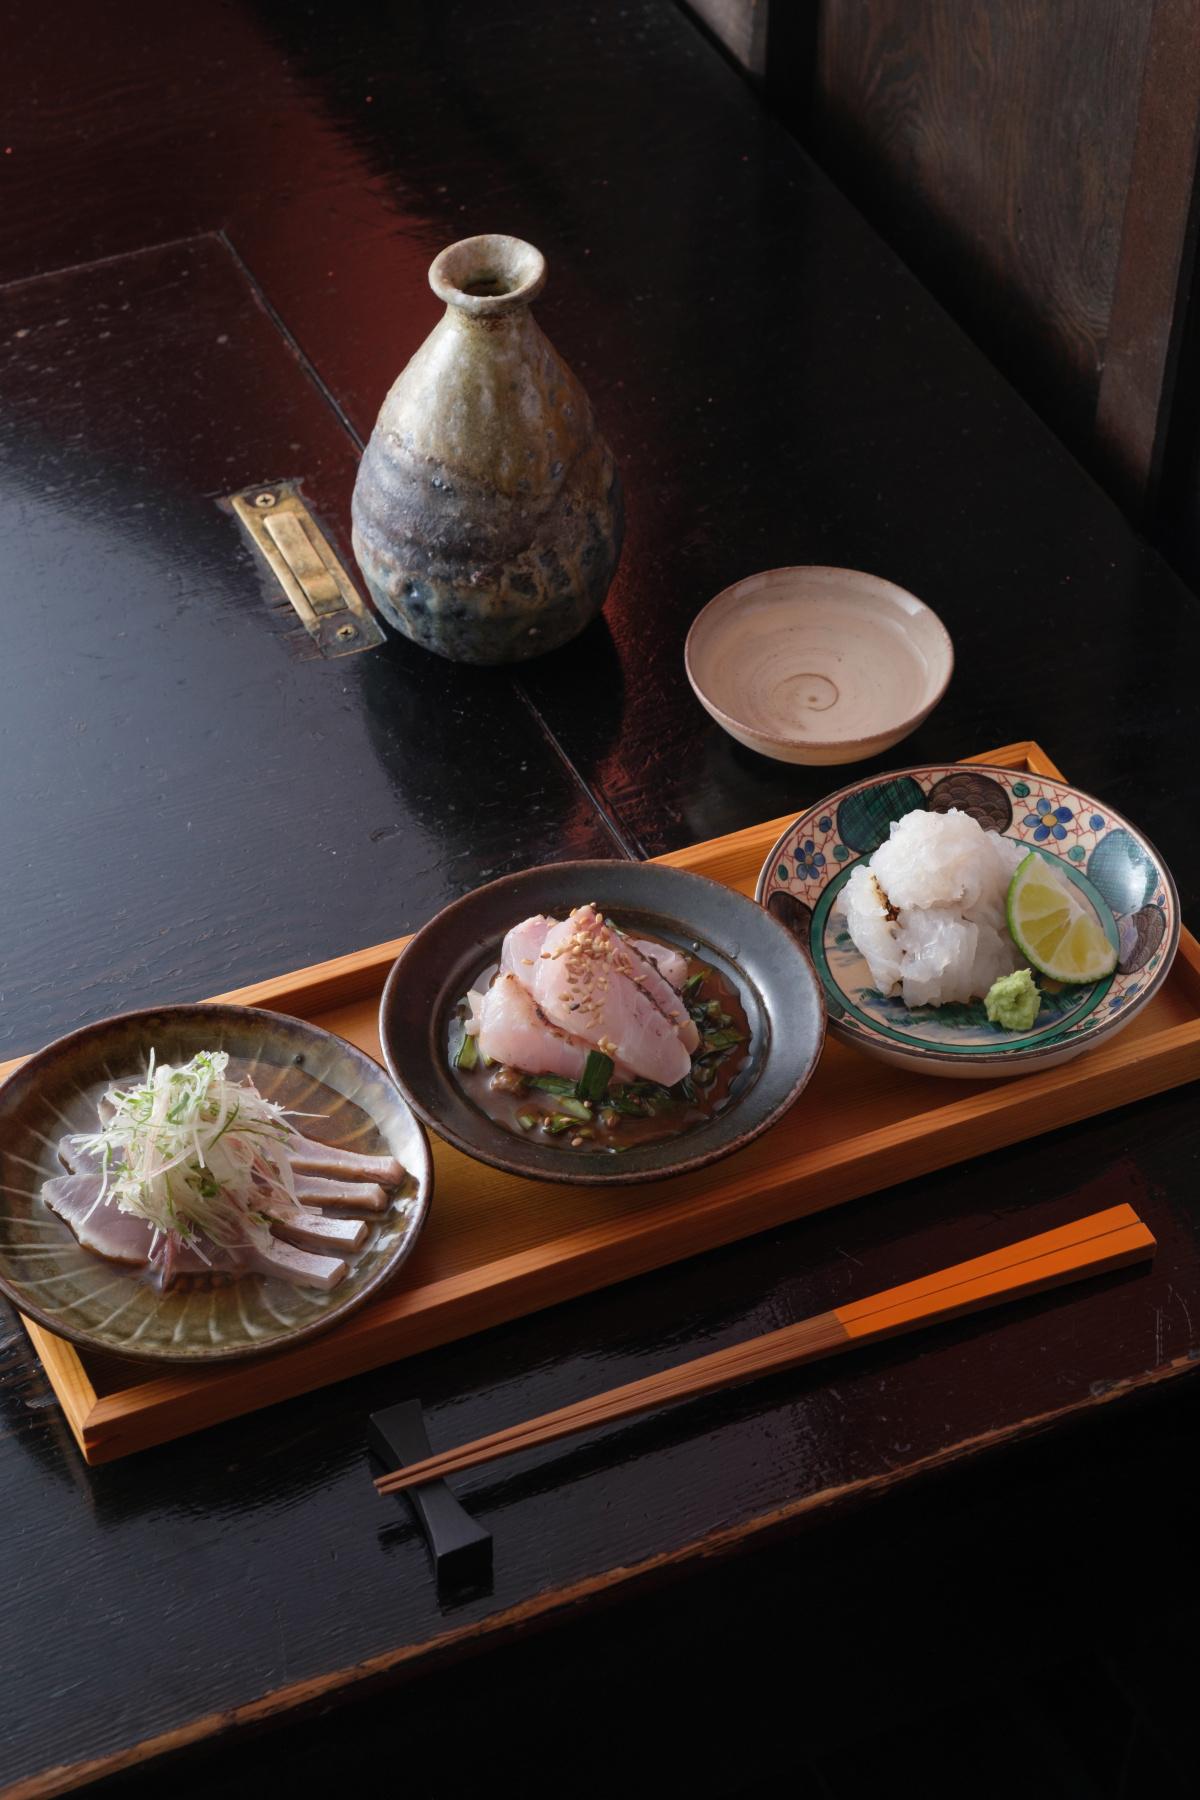 【乍旨司】巻き寿司×燗酒という新境地に酔いしれる。